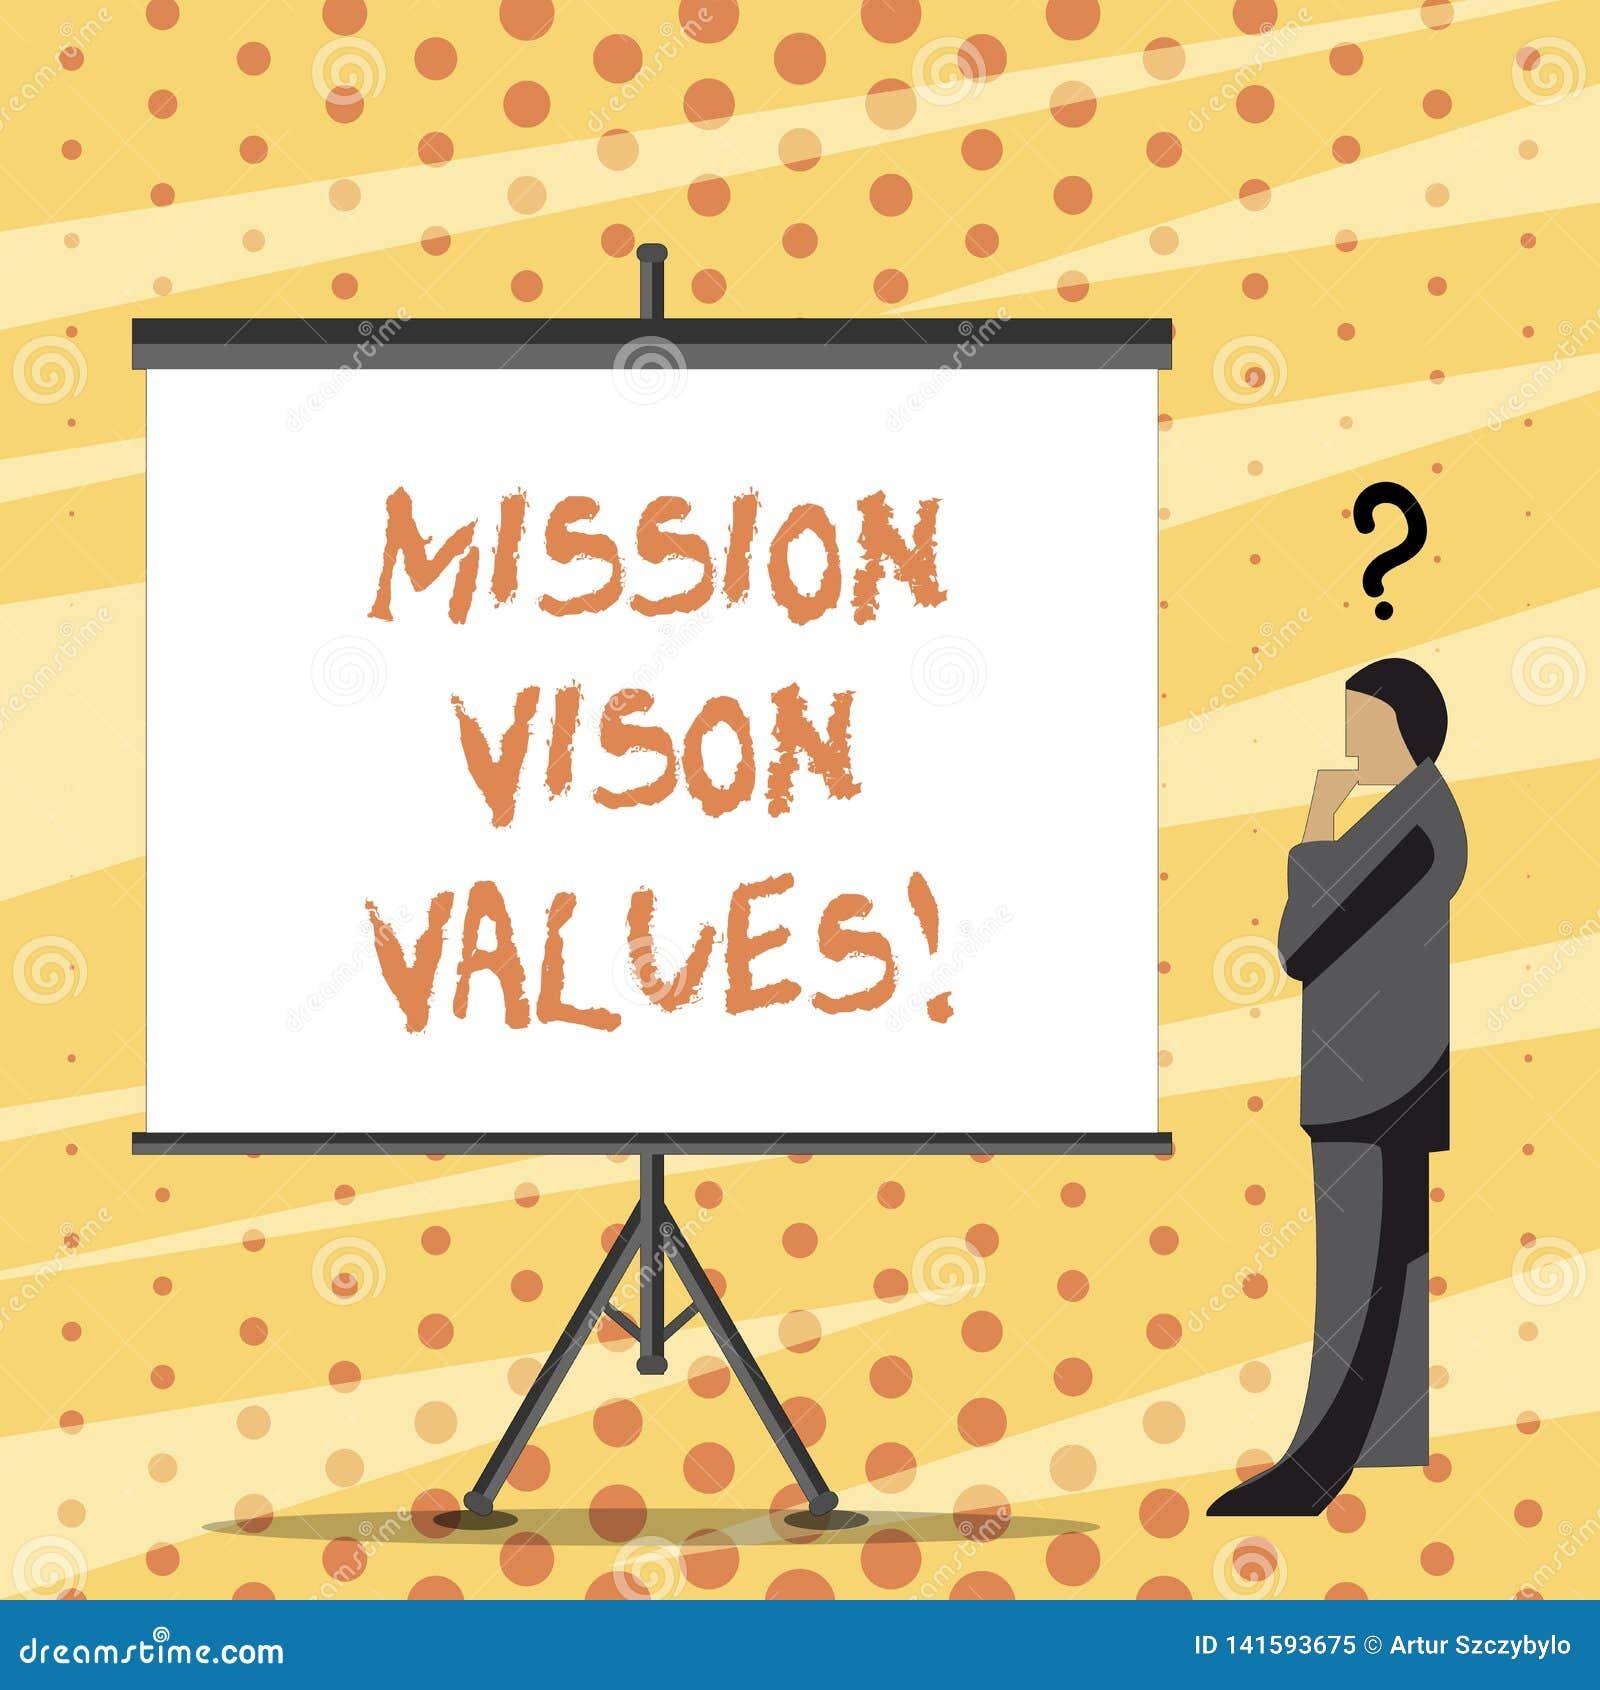 Segno del testo che mostra i valori di Vison di missione Pianificazione concettuale della foto per le giuste decisioni di carrier